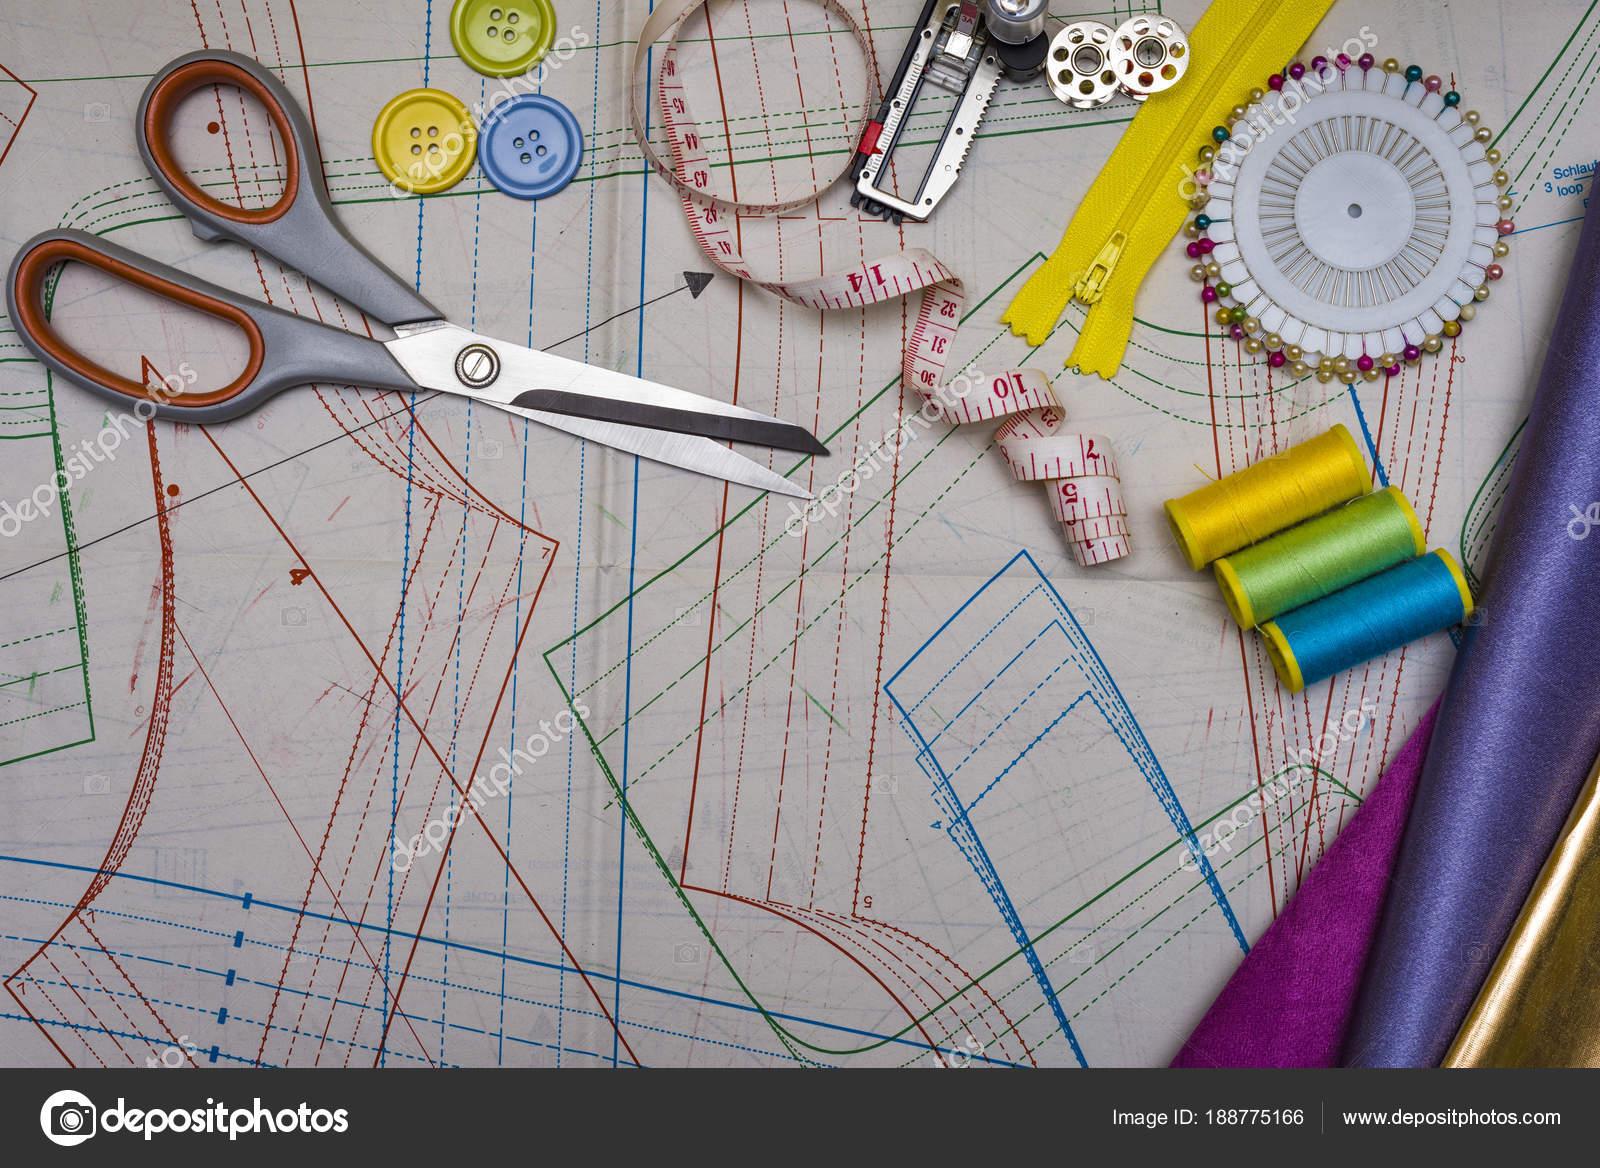 Muster schneiden und Nähen — Stockfoto © zilber42.gmail.com #188775166